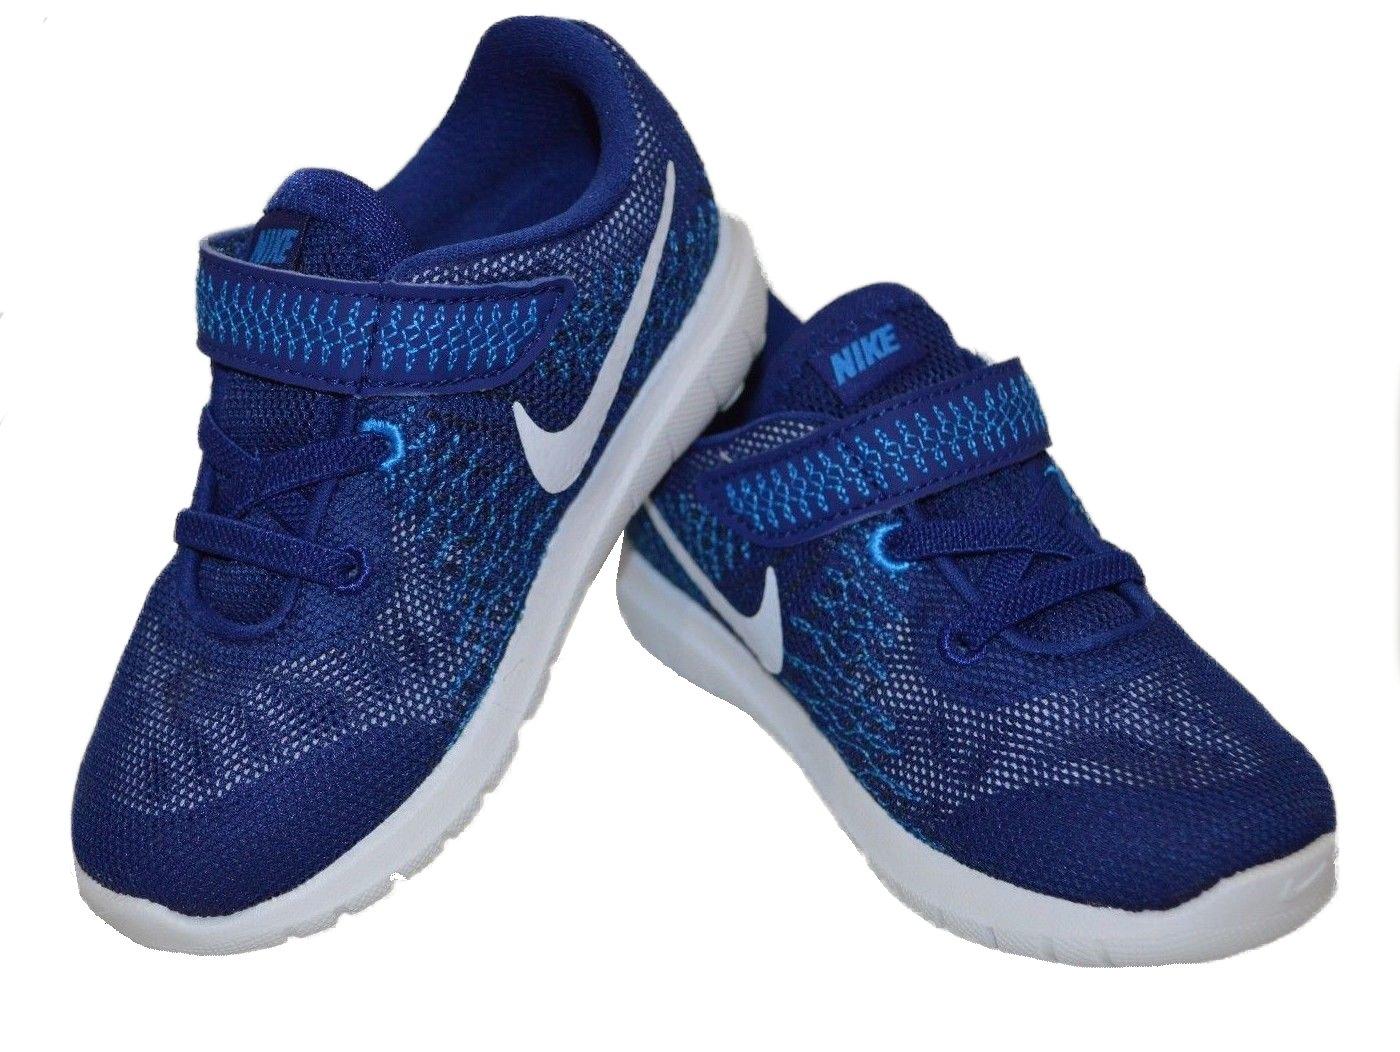 5C Shoes: Amazon.com